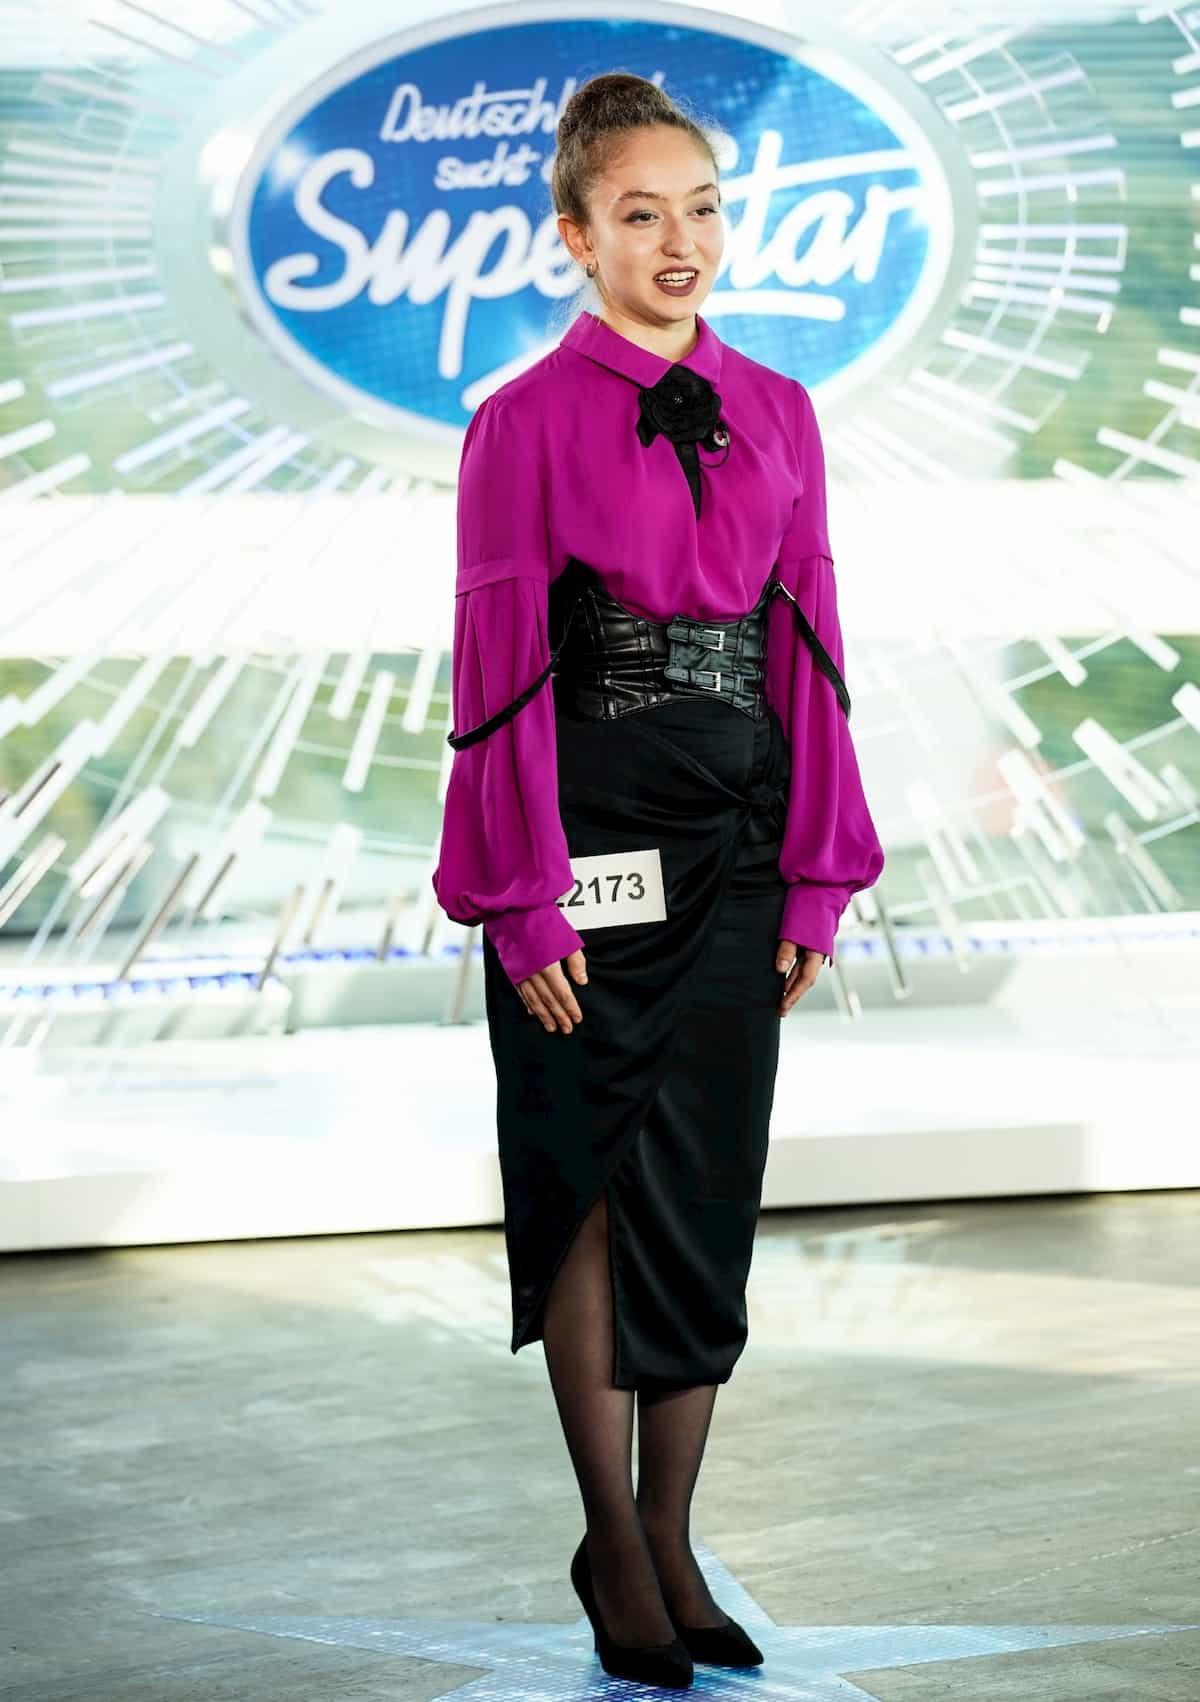 Elena Abdullaeva bei DSDS am 25.1.2020 als Kandidatin